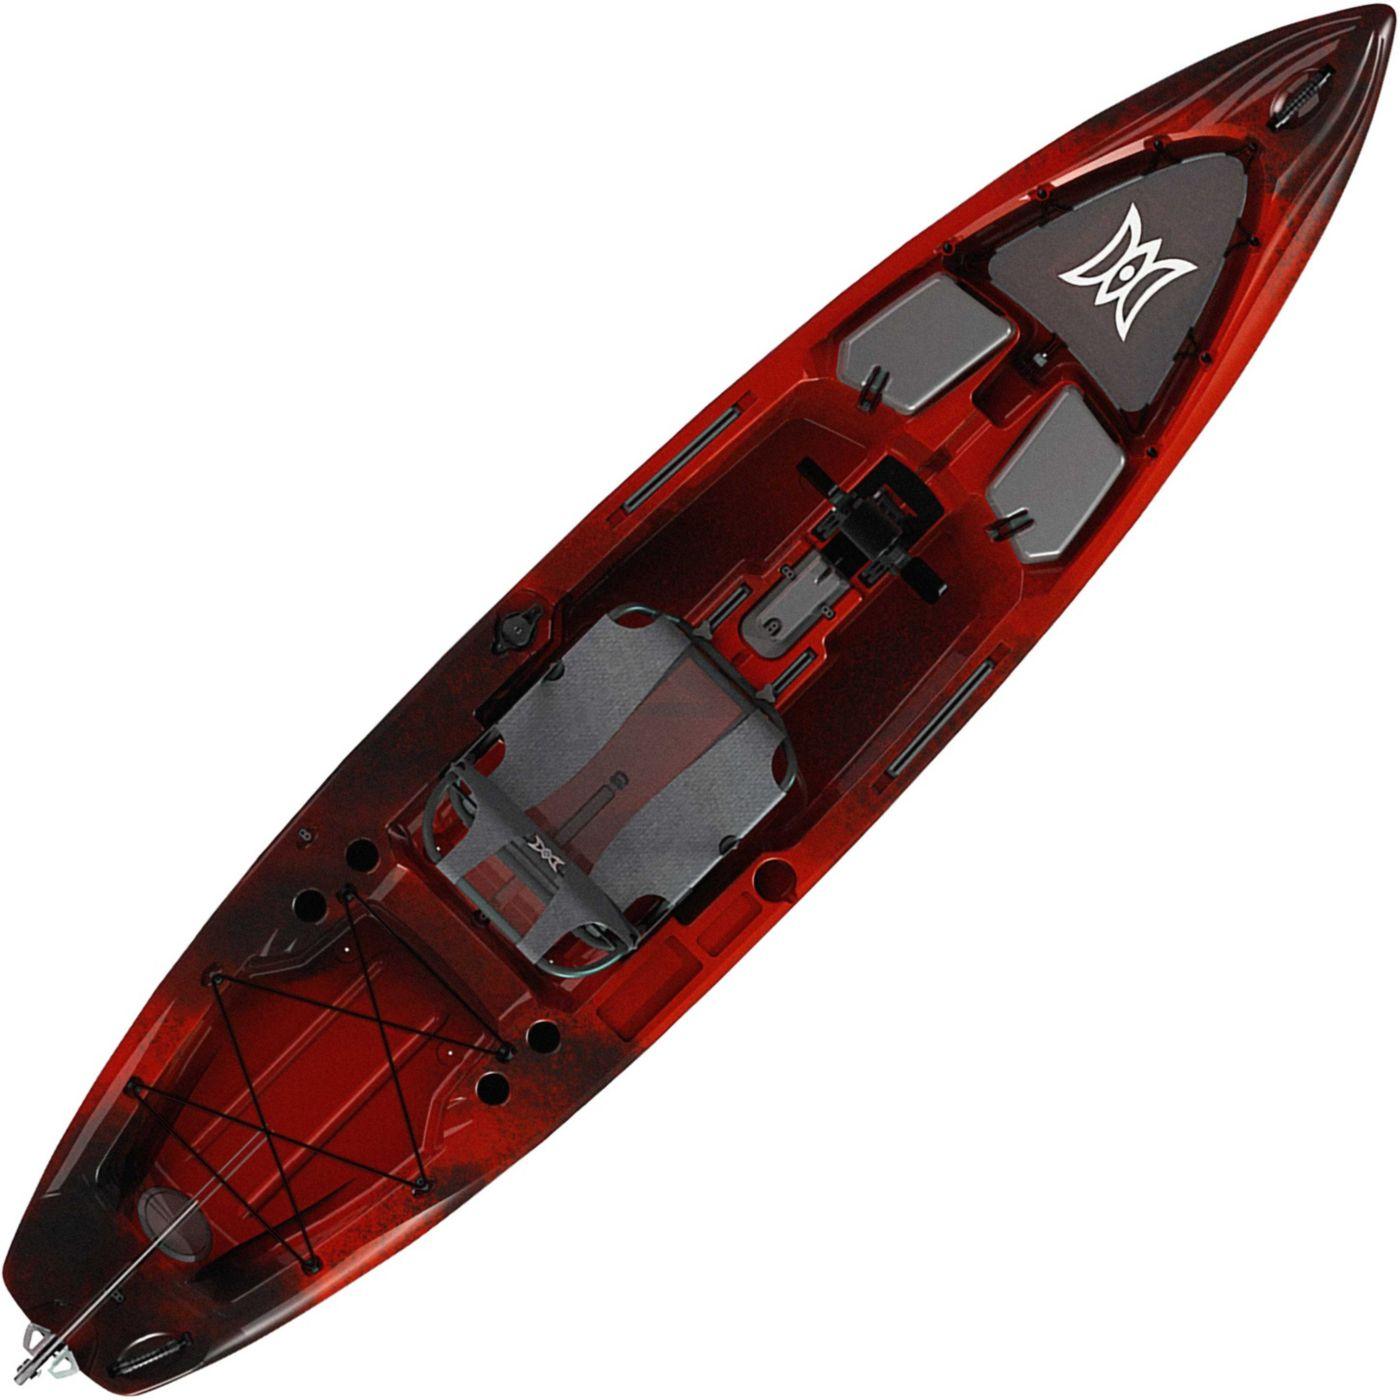 Perception Pescador Pilot Pedal Drive 12.0 Angler Kayak